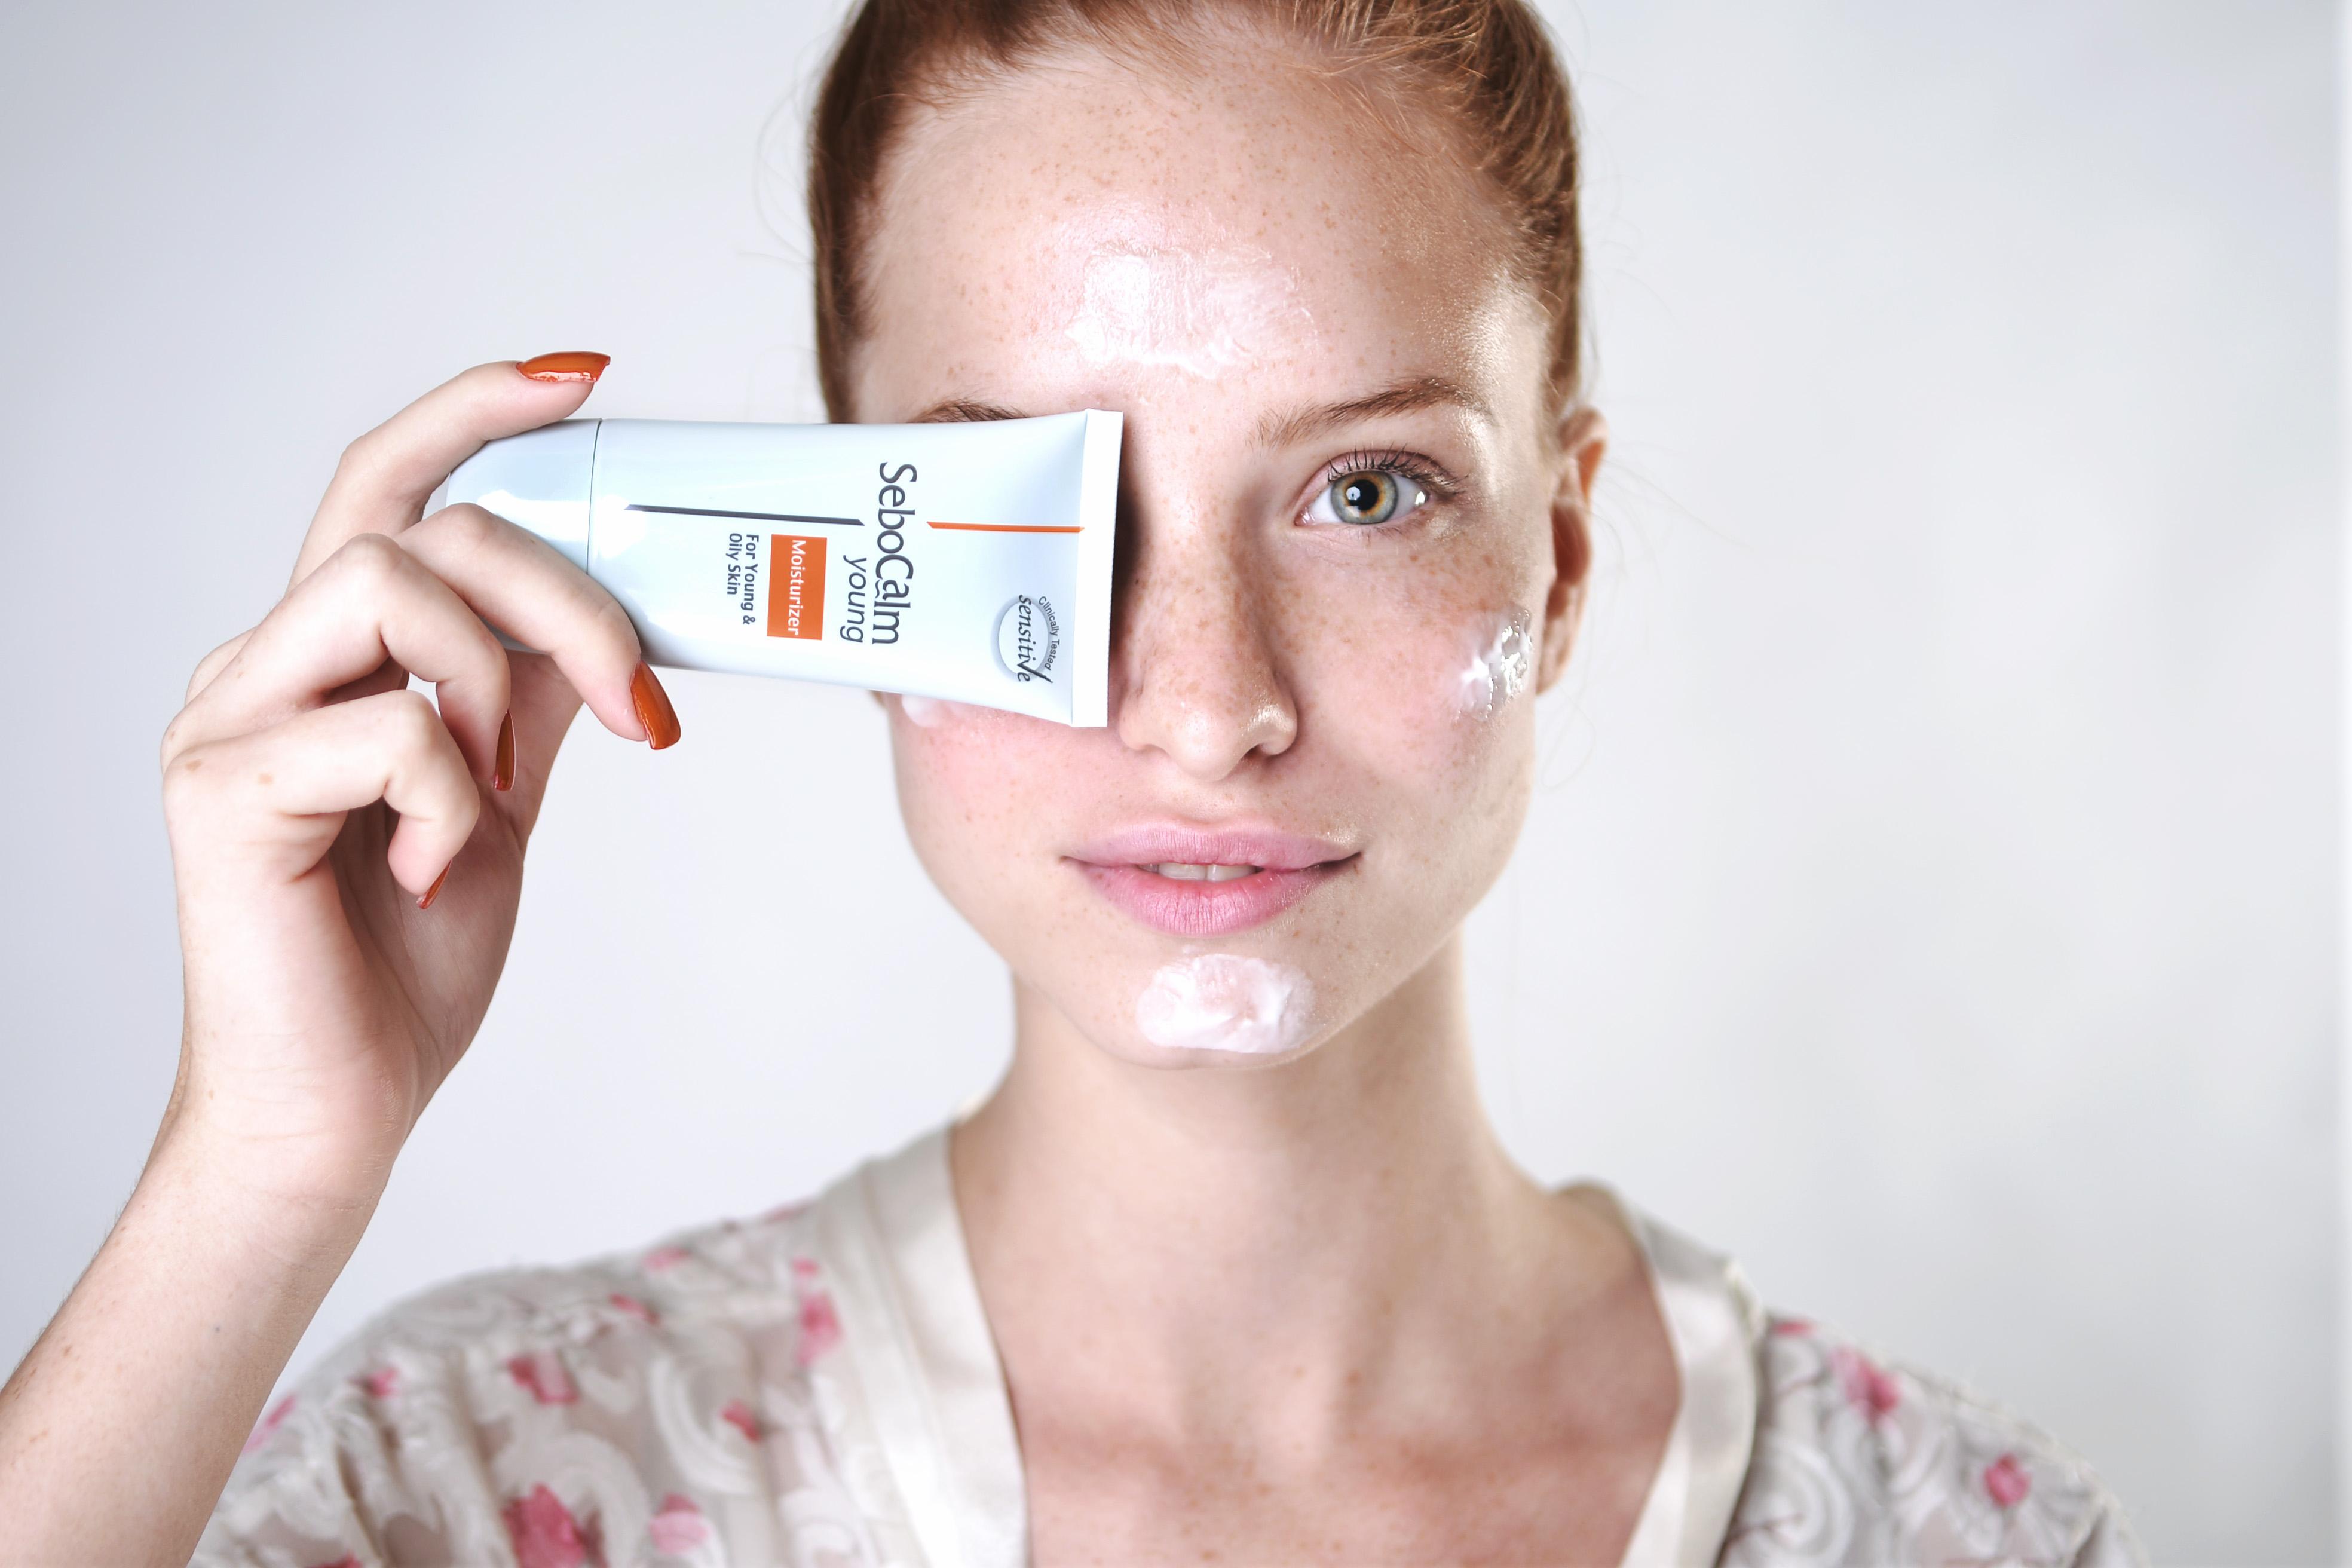 Фармацевты — о 12 популярных мифах об акне, современных и «бабушкиных» методах лечения